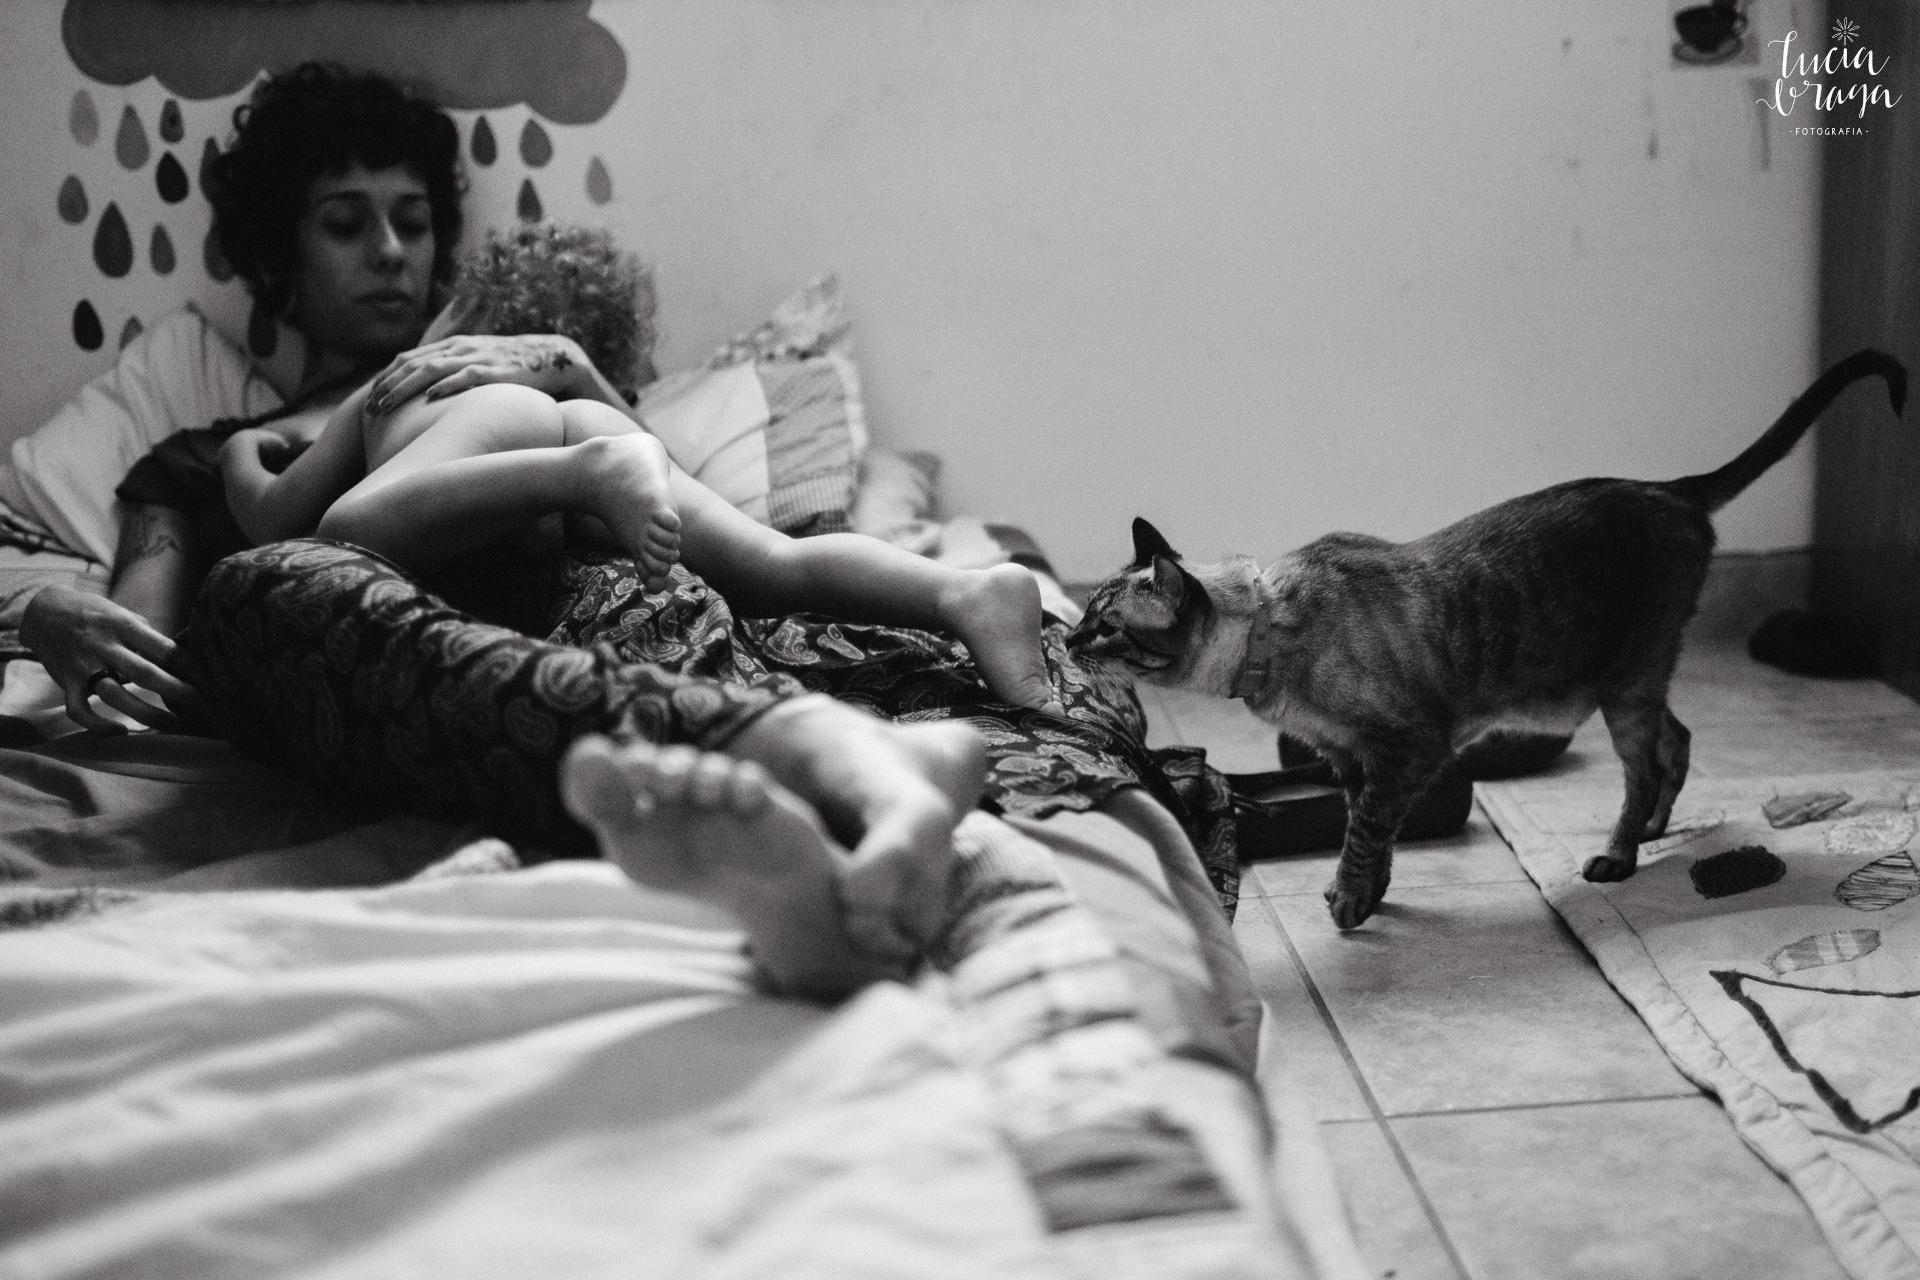 cata, gatos, fotografia documental de familia, fotografo são paulo, fotografo minas gerais, fotografia de família, mãe e filho, real life, dia-a-dia